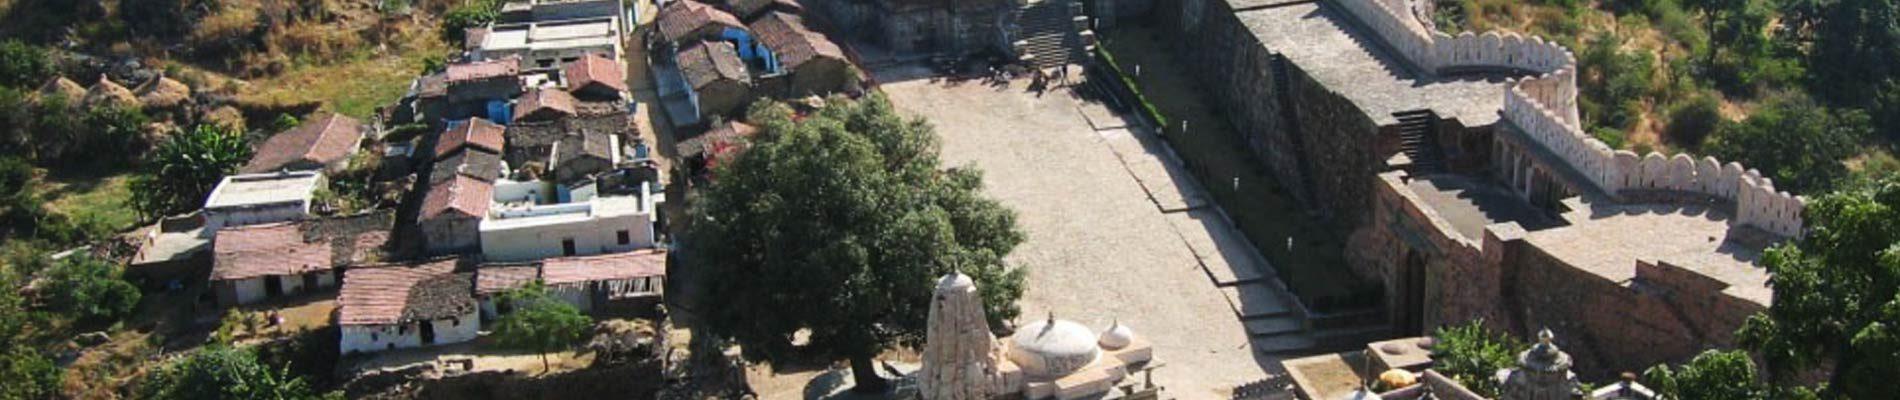 India: 15 Days Himachal Tour